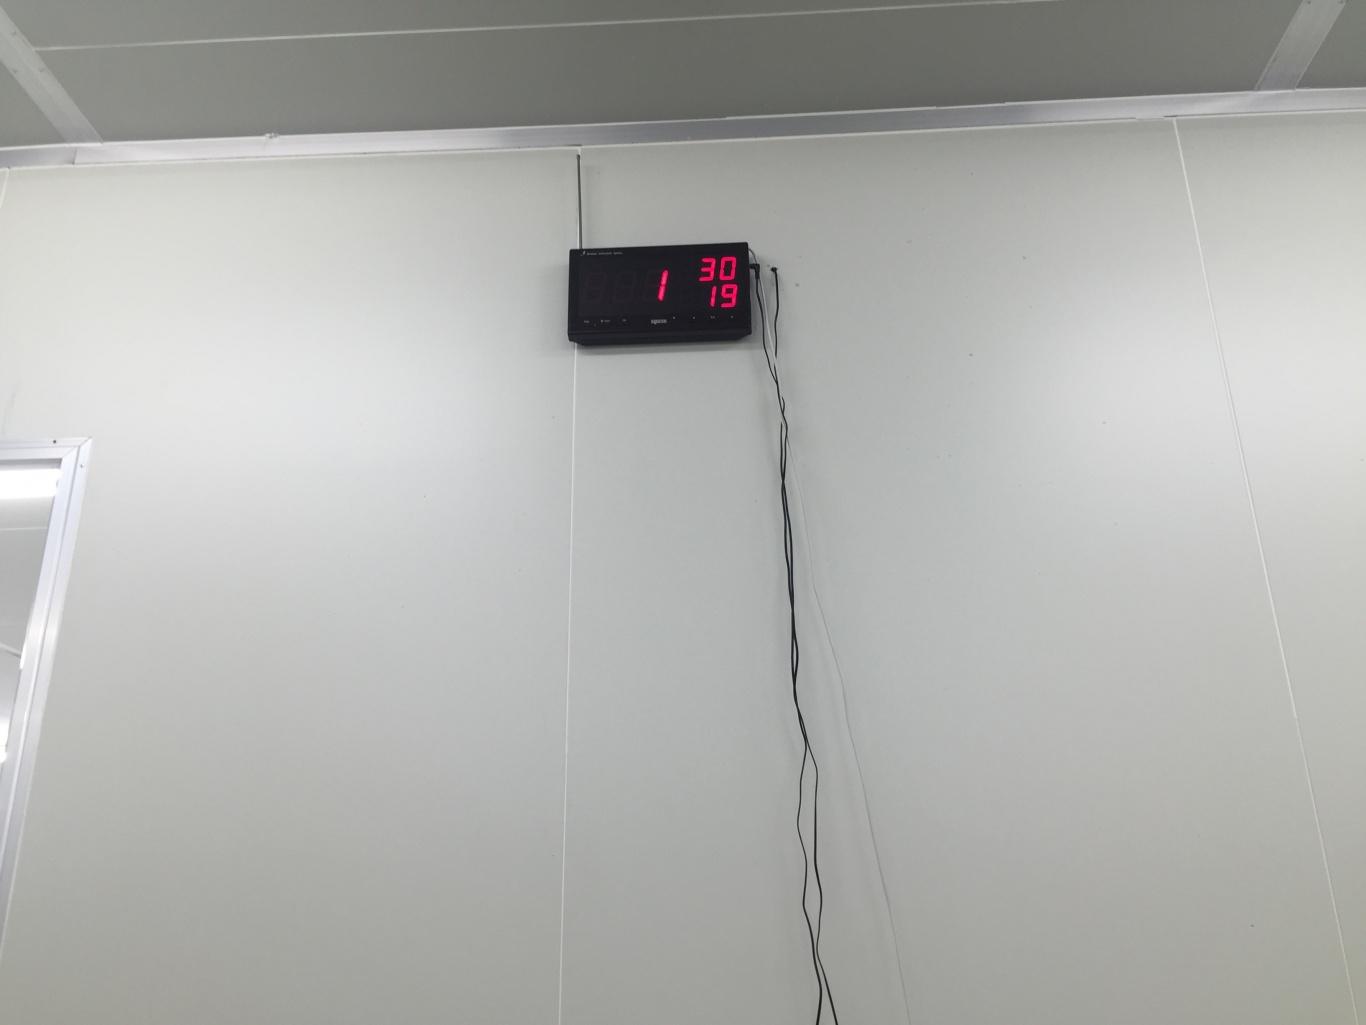 bảng thiết bị hiển thị được lắp đặt tại phòng trực